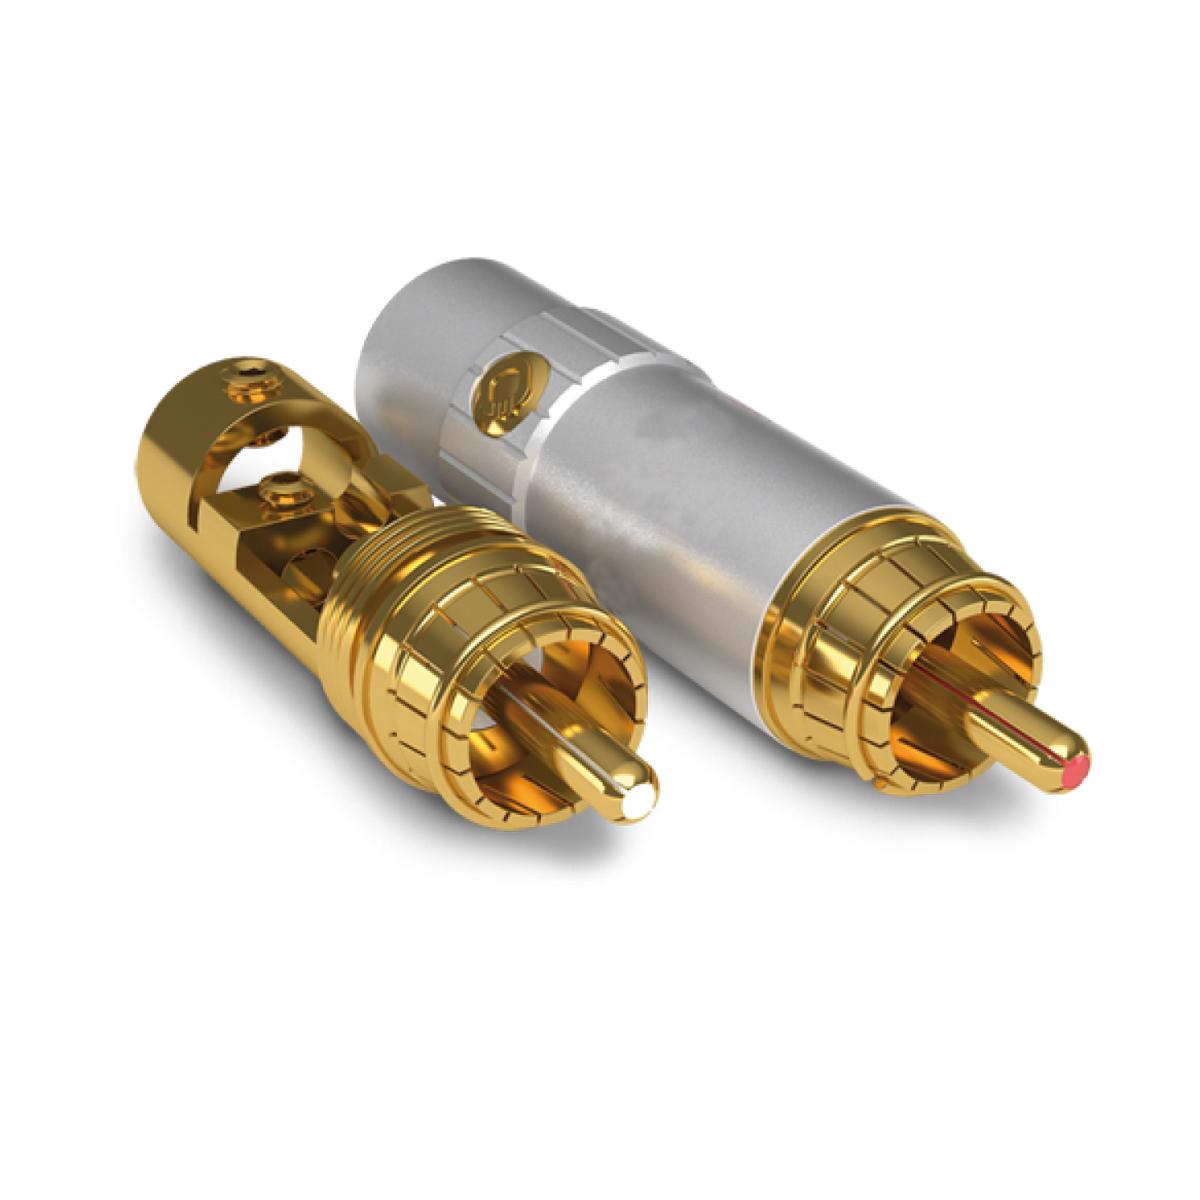 连接器接插件电气规范要求之绝缘阻抗测试